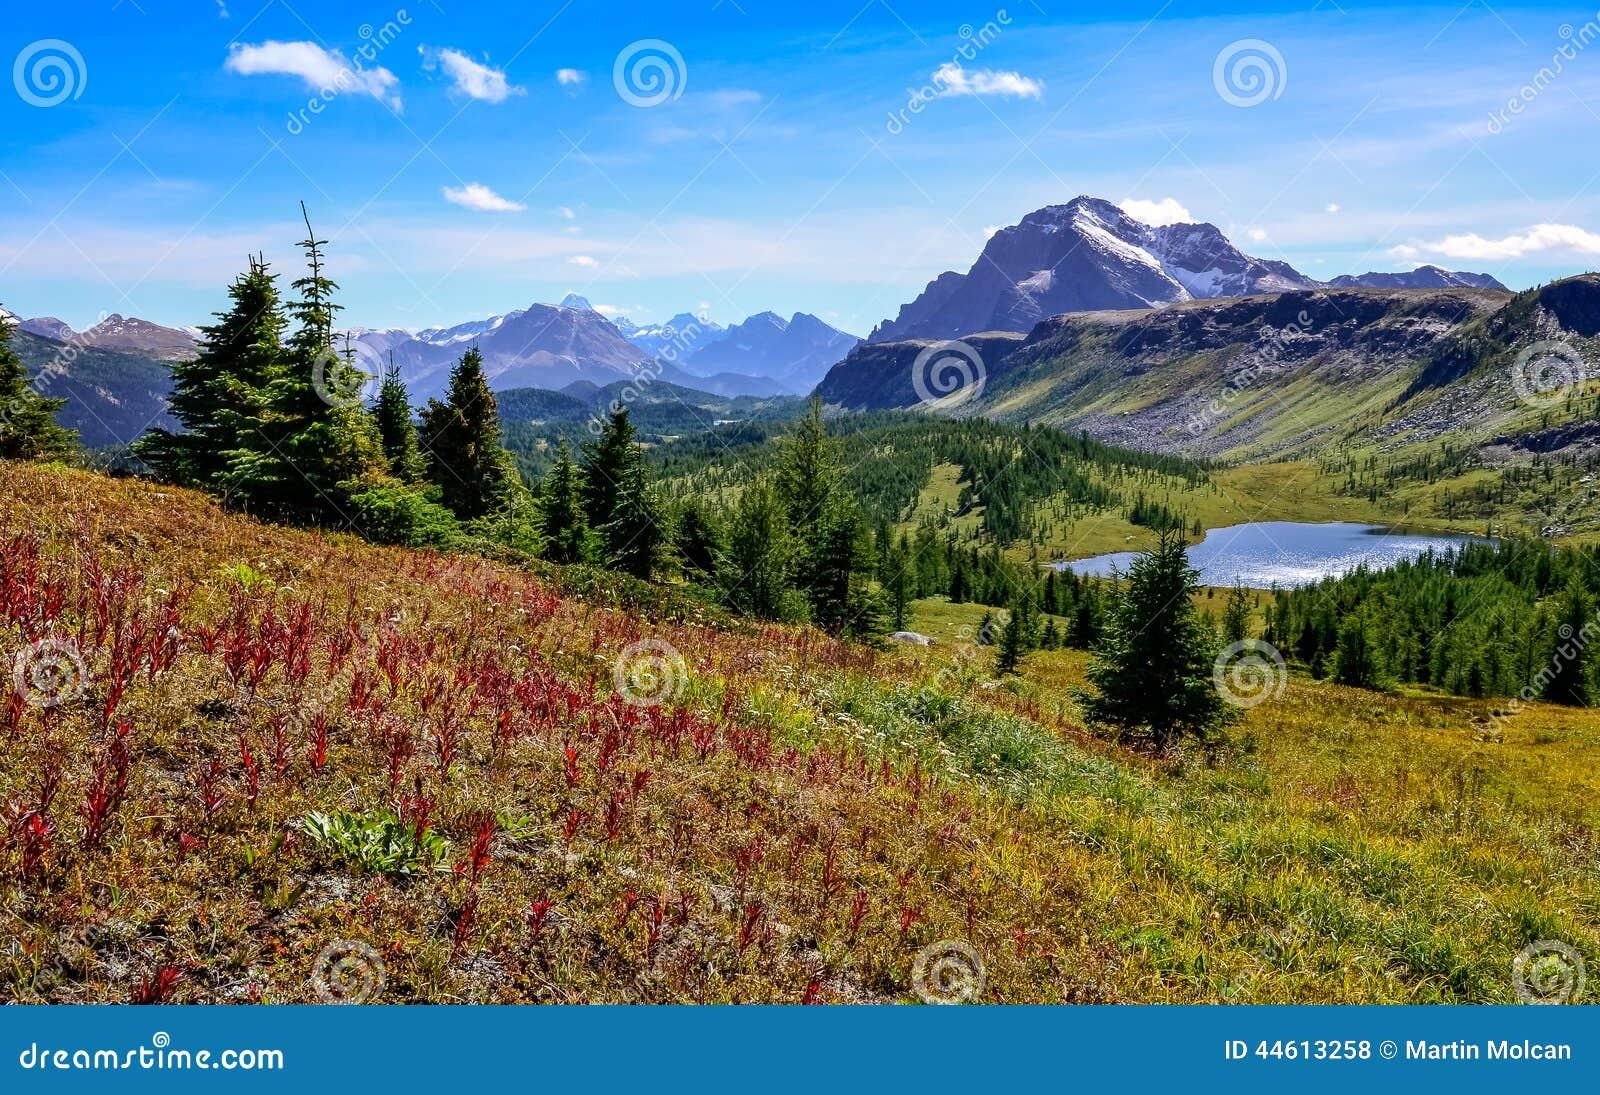 Szenische Ansicht von Bergen in Nationalpark Banffs, Kanada